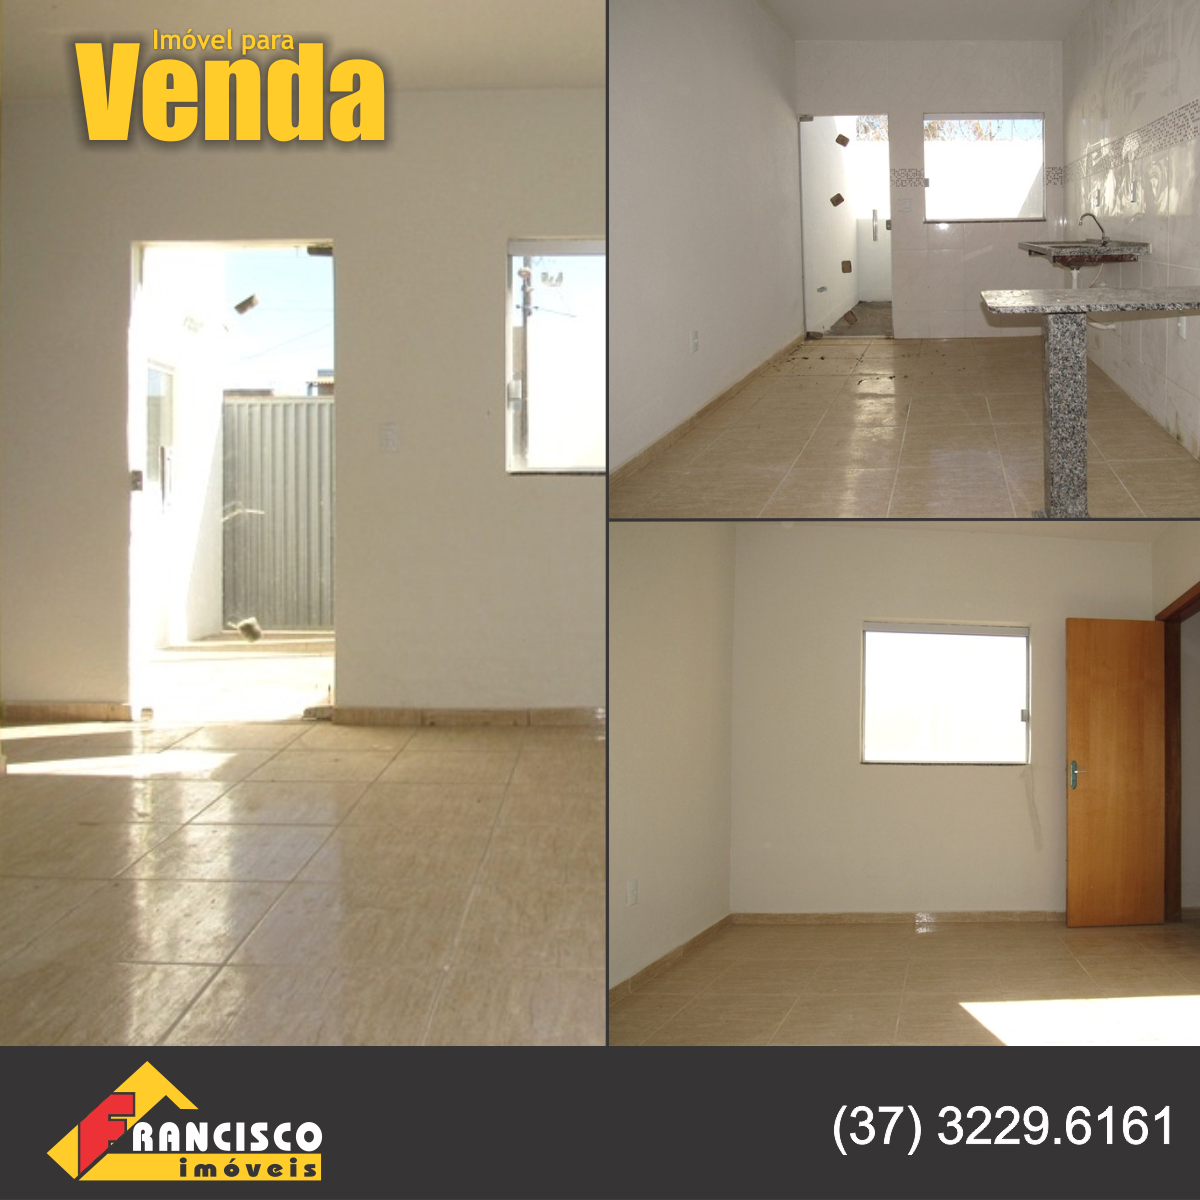 Bairro Maria Pe Anha C Digo 07643 Casa Residencial Com 02 Quartos